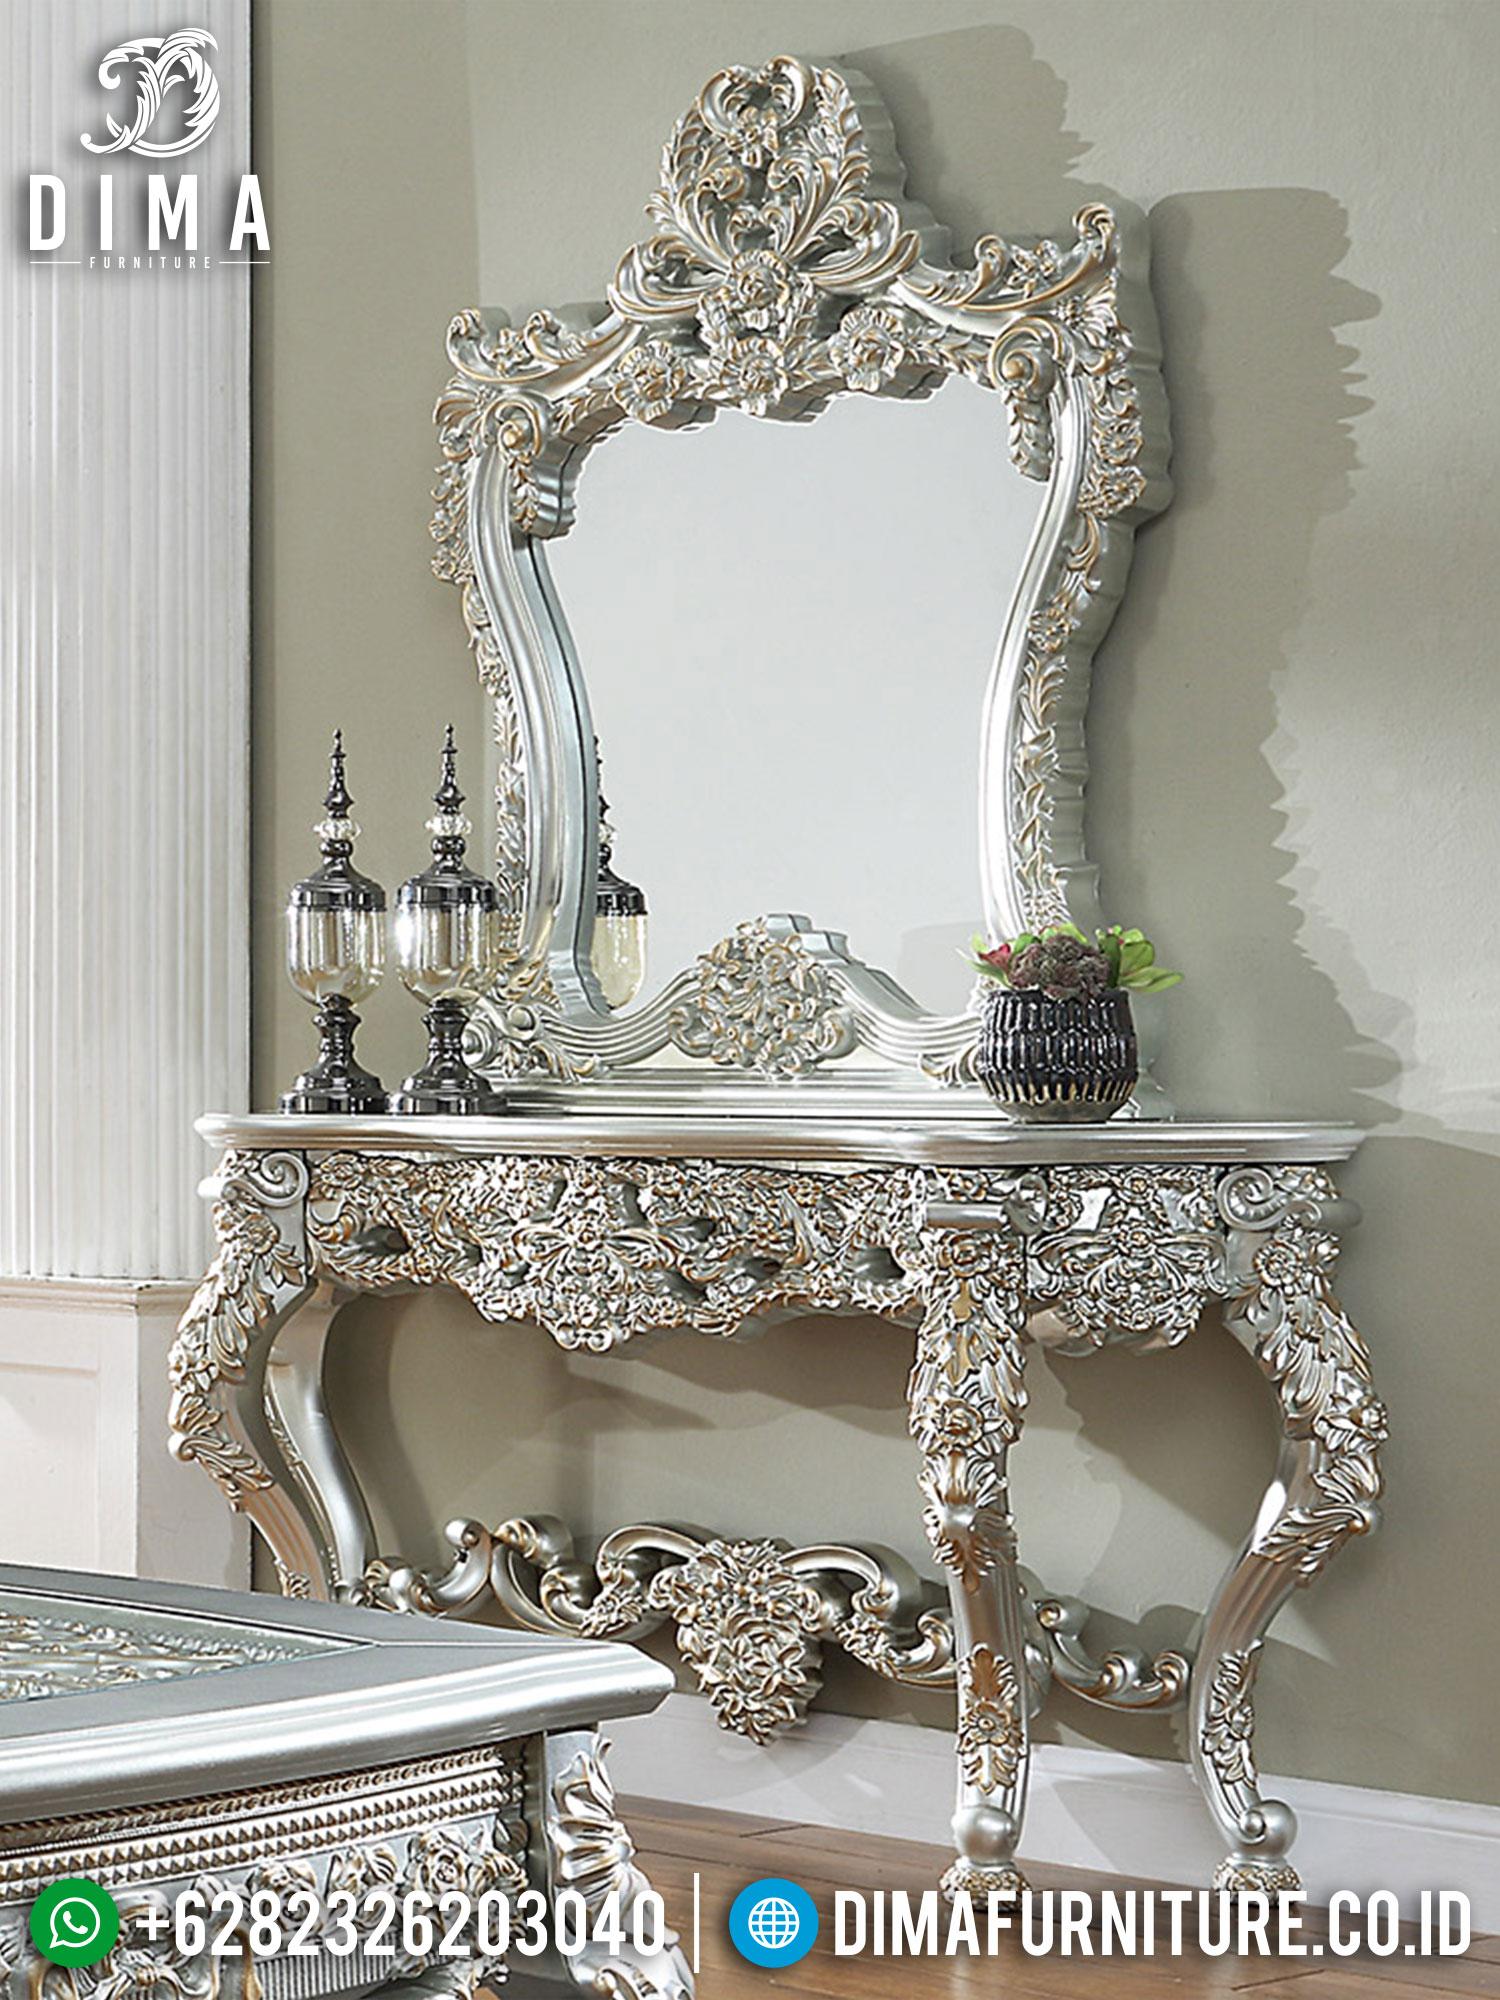 Desain Meja Konsol Mewah Luxurious Silver Excellent Duco Color TTJ-1571